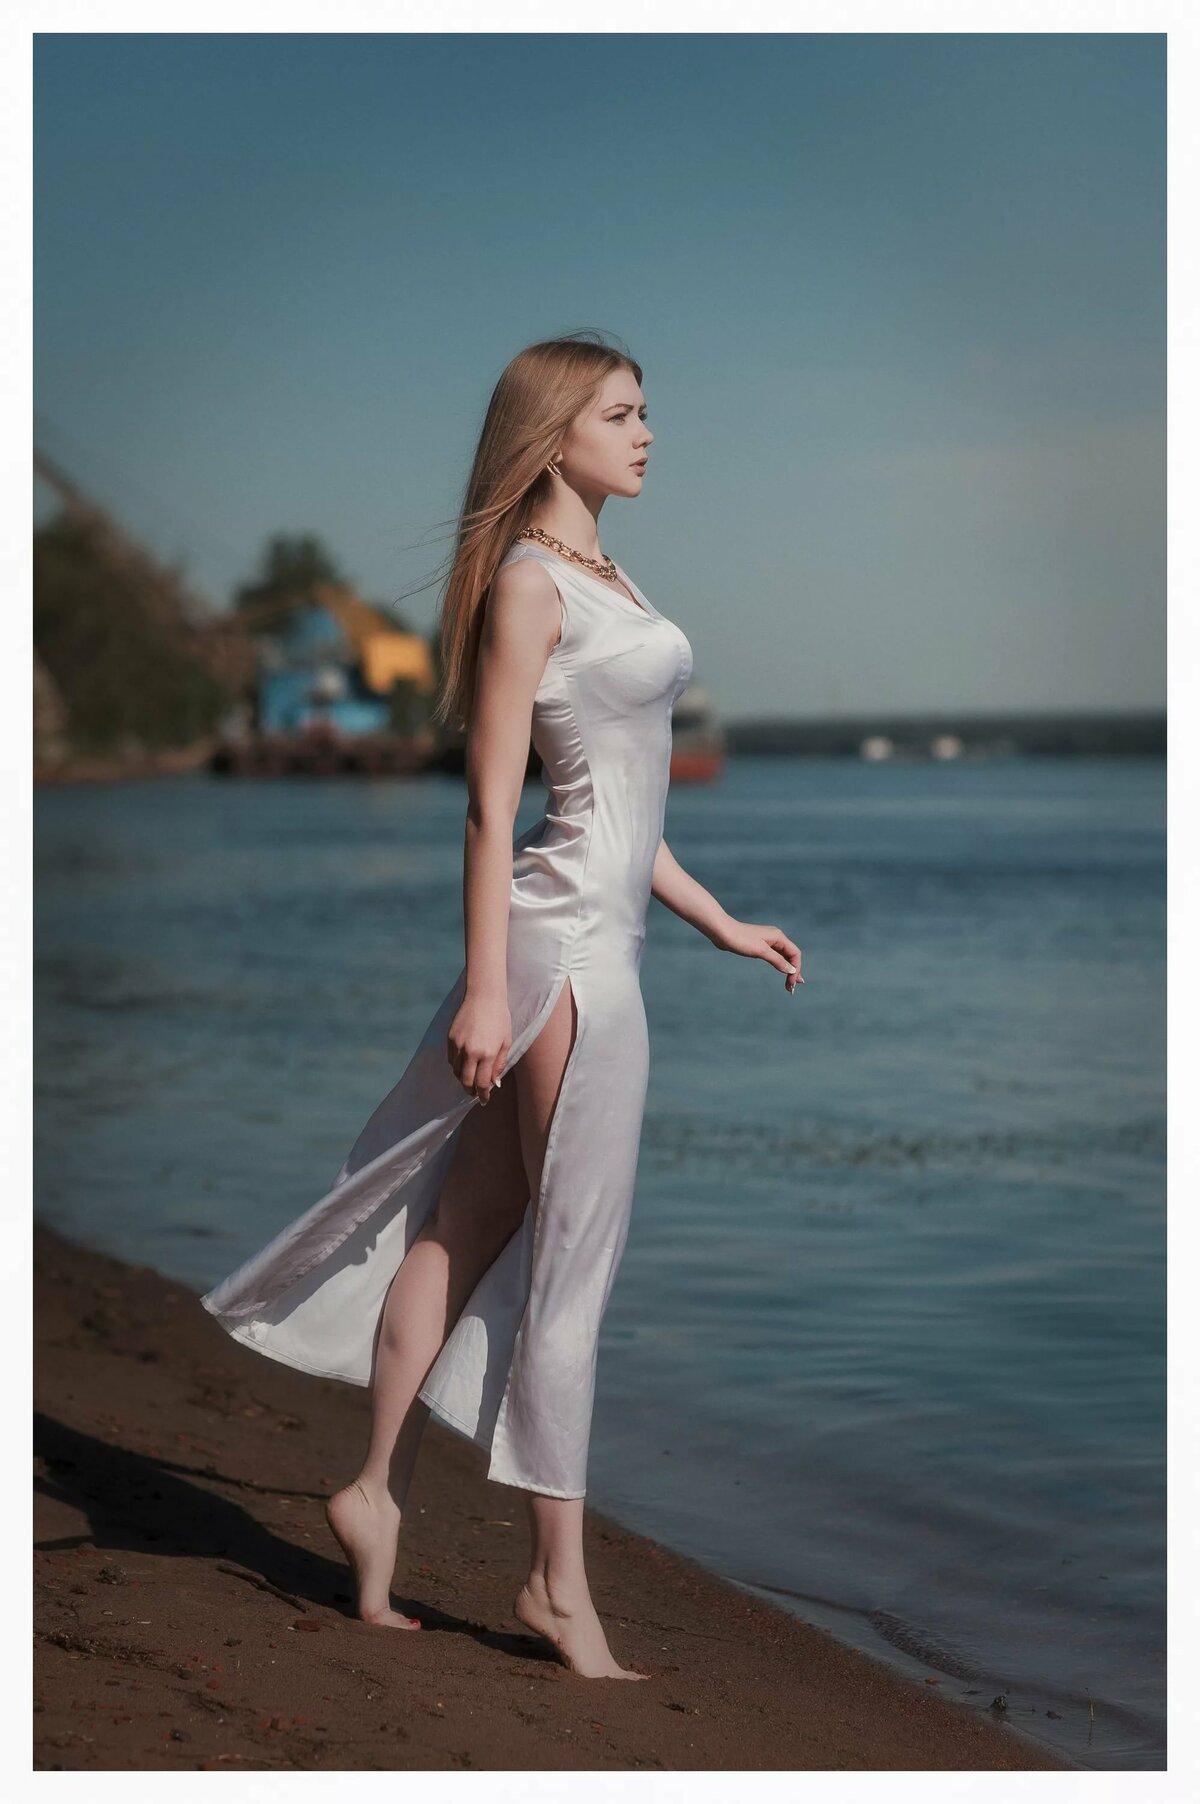 фото красивых девушек в легком платье - 13